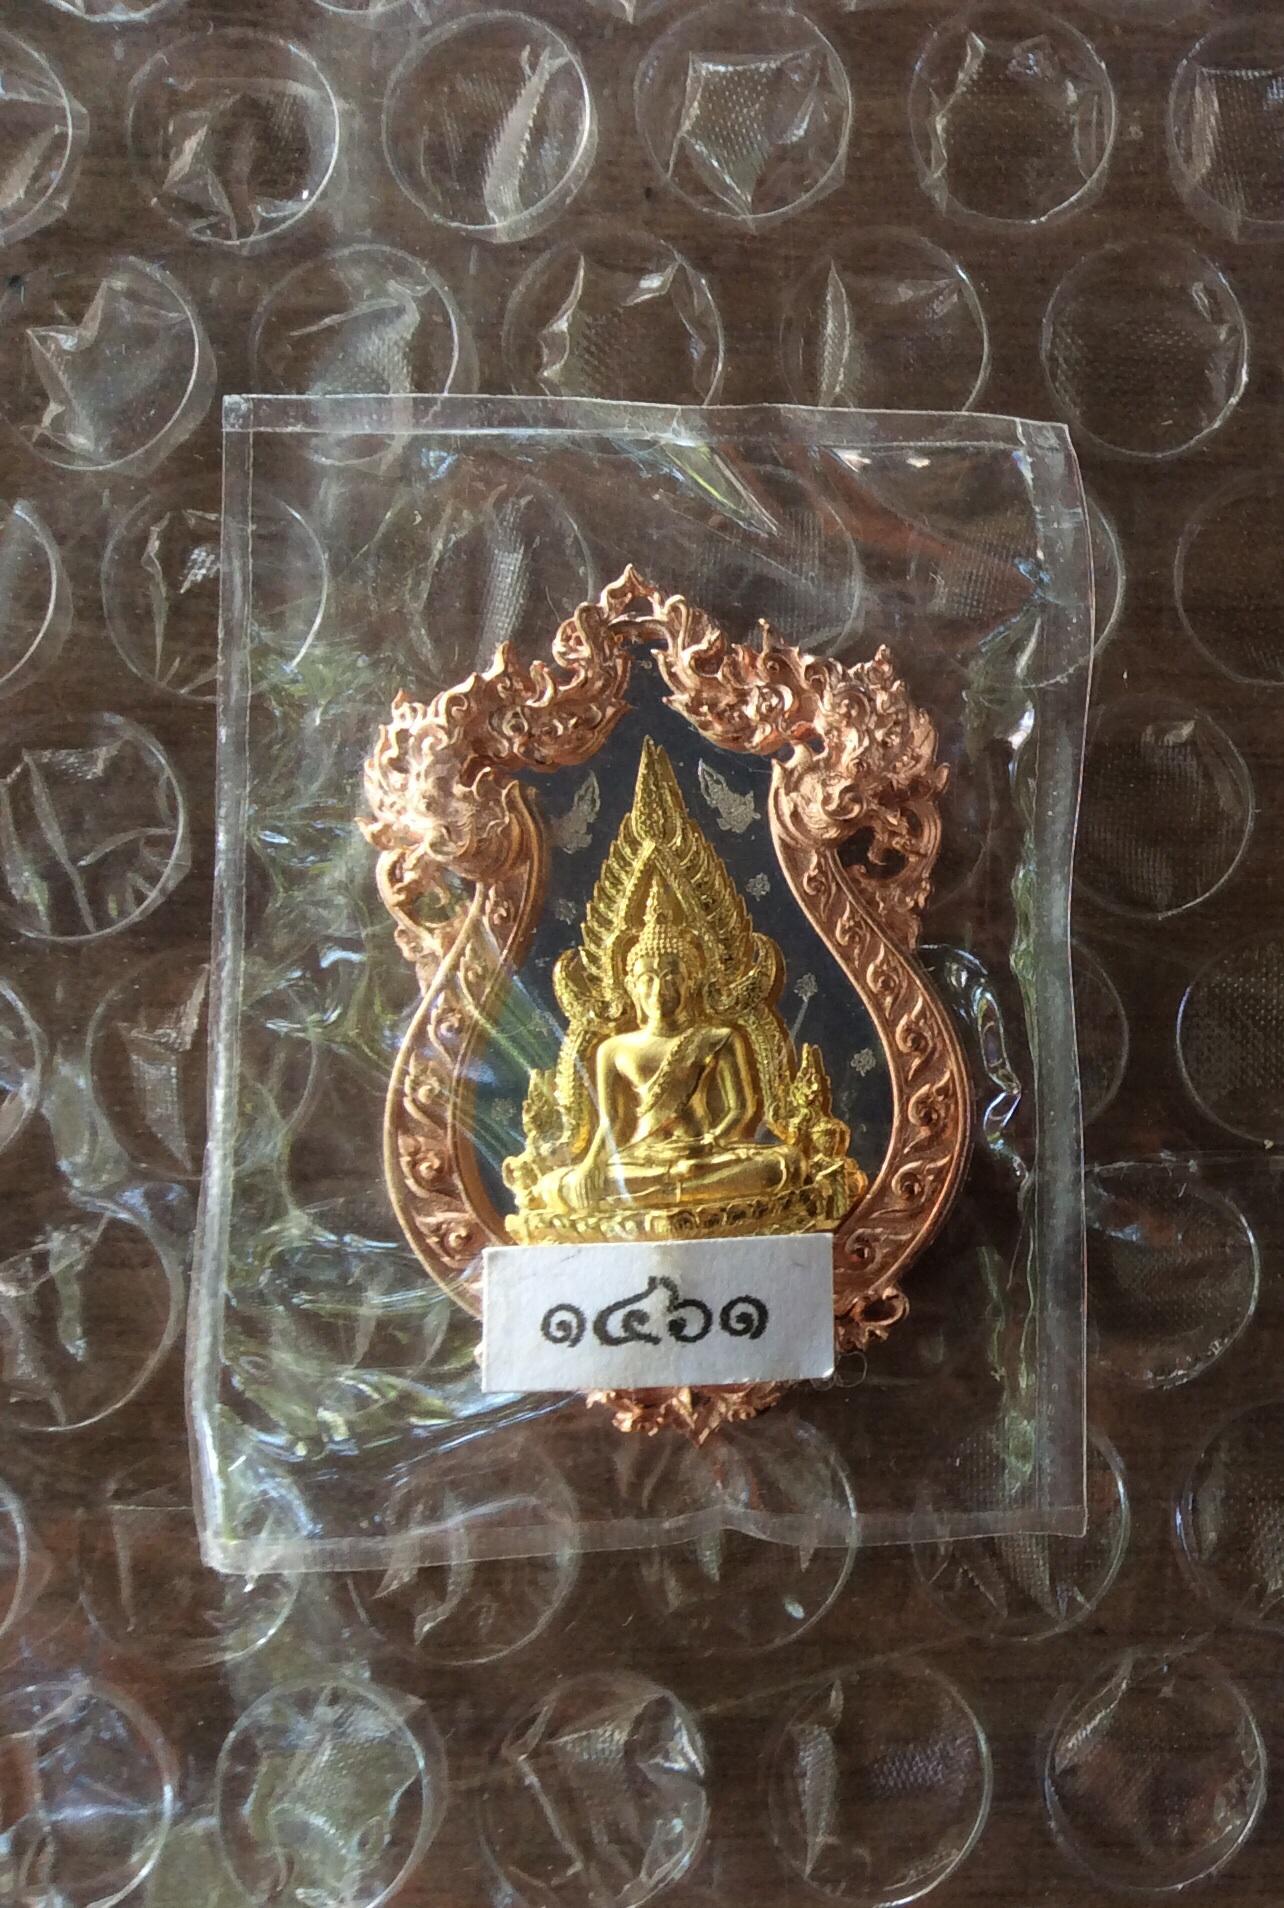 เหรียญหล่อฉลุพระพุทธชินราช รุ่นจอมราชันย์ เนื้อเงินชุบ 3 กษัตริย์ รหัส360